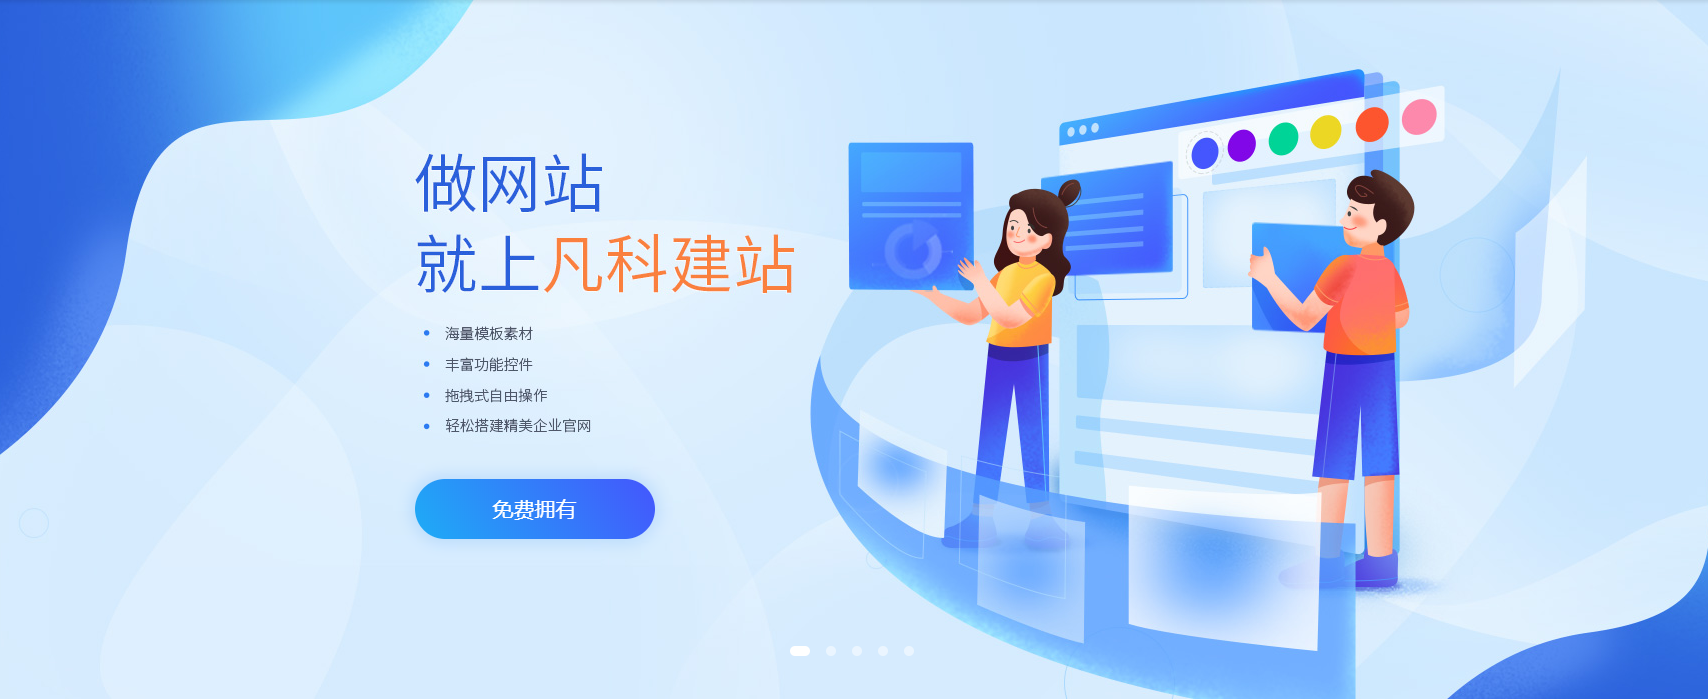 网站建设的页面设计